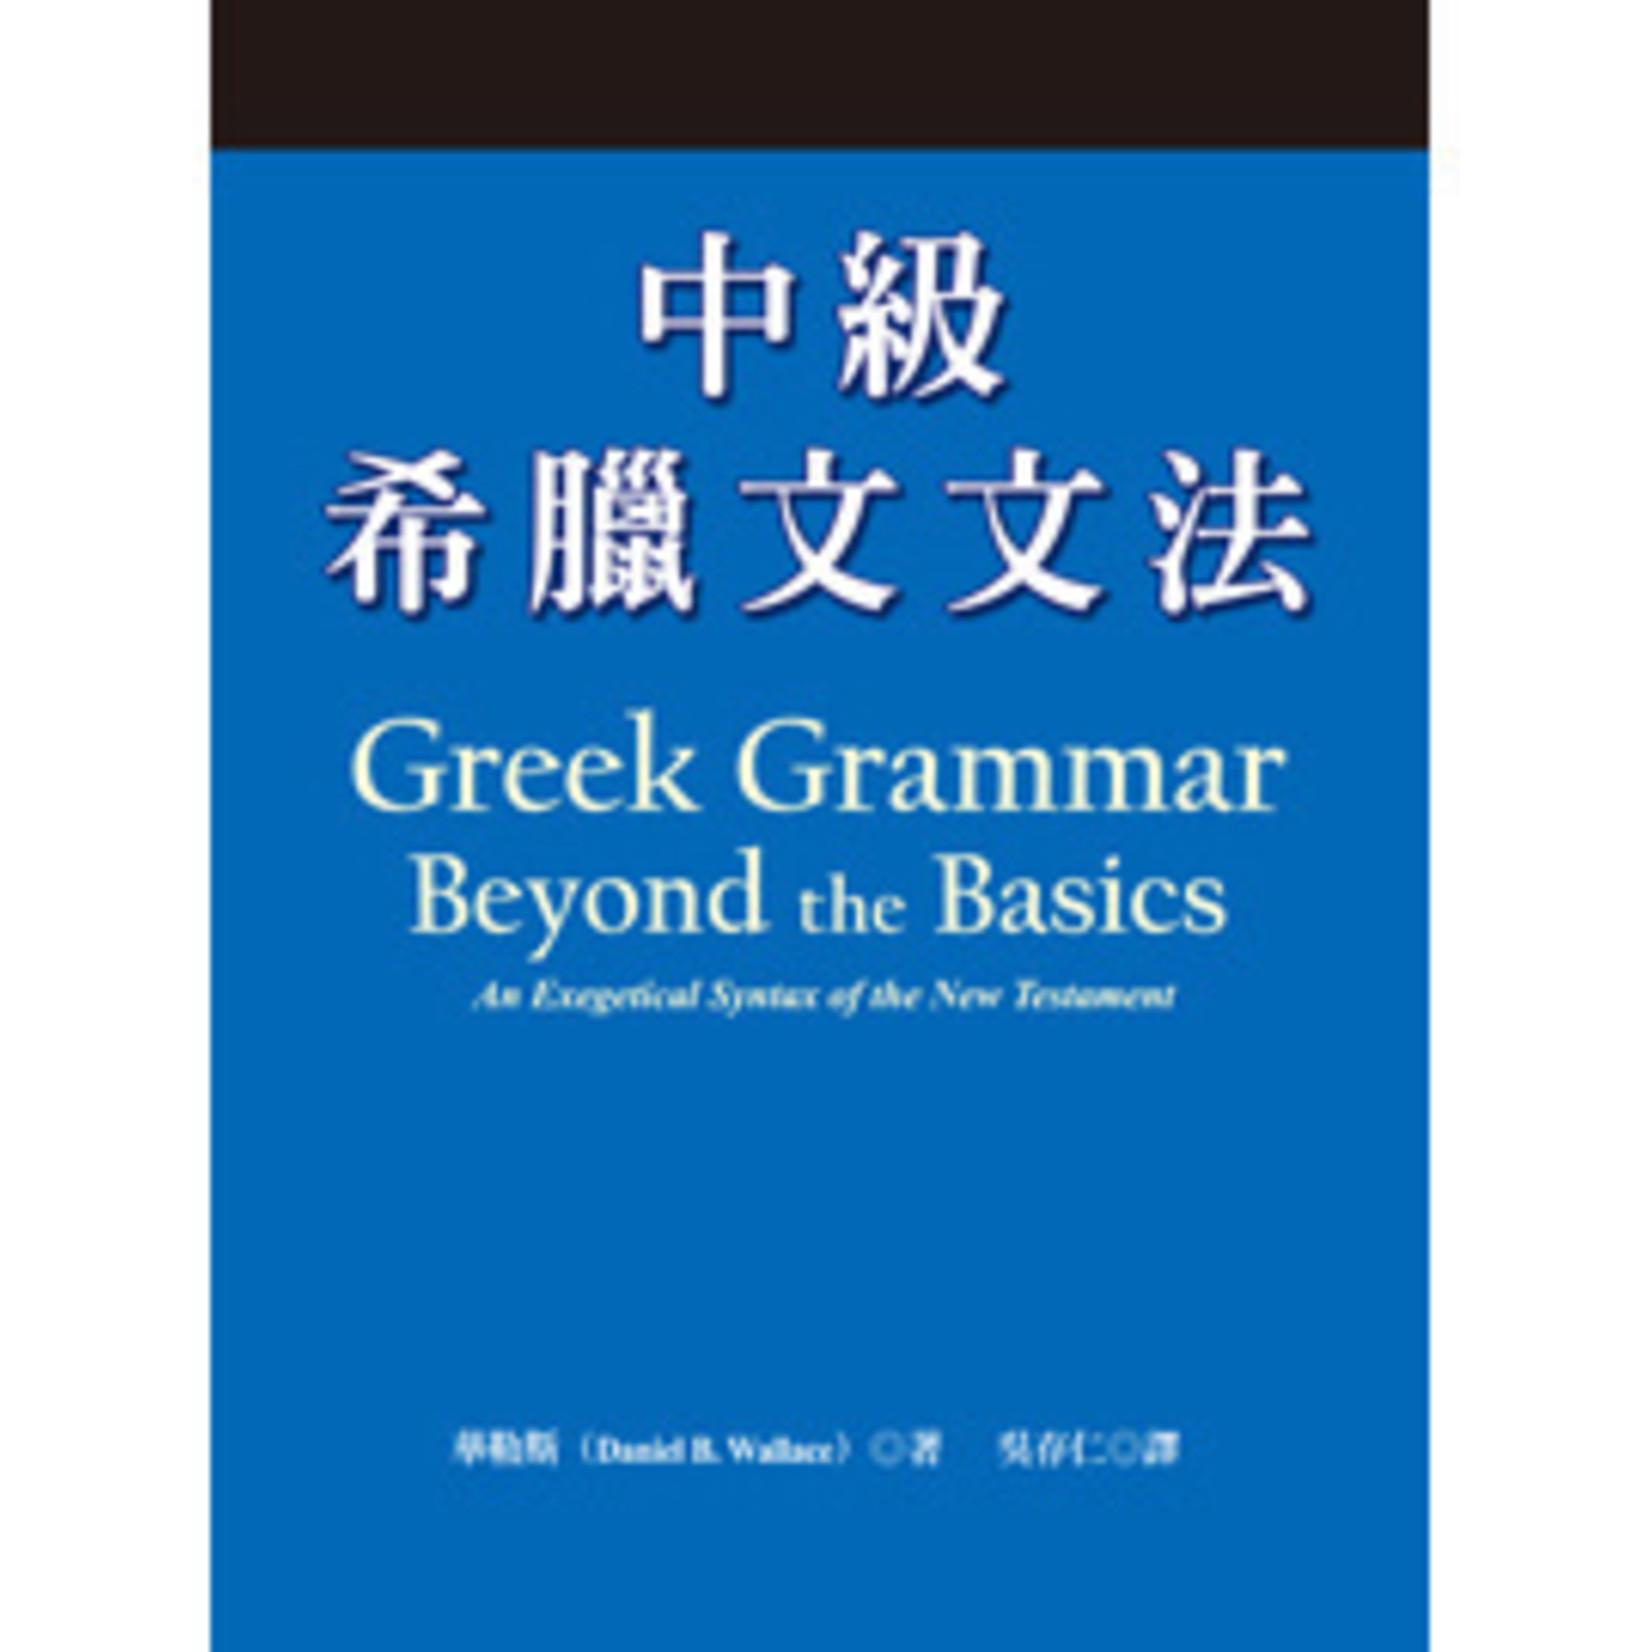 中華福音神學院 China Evangelical Seminary 中級希臘文文法 Greek Grammar Beyond the Basics